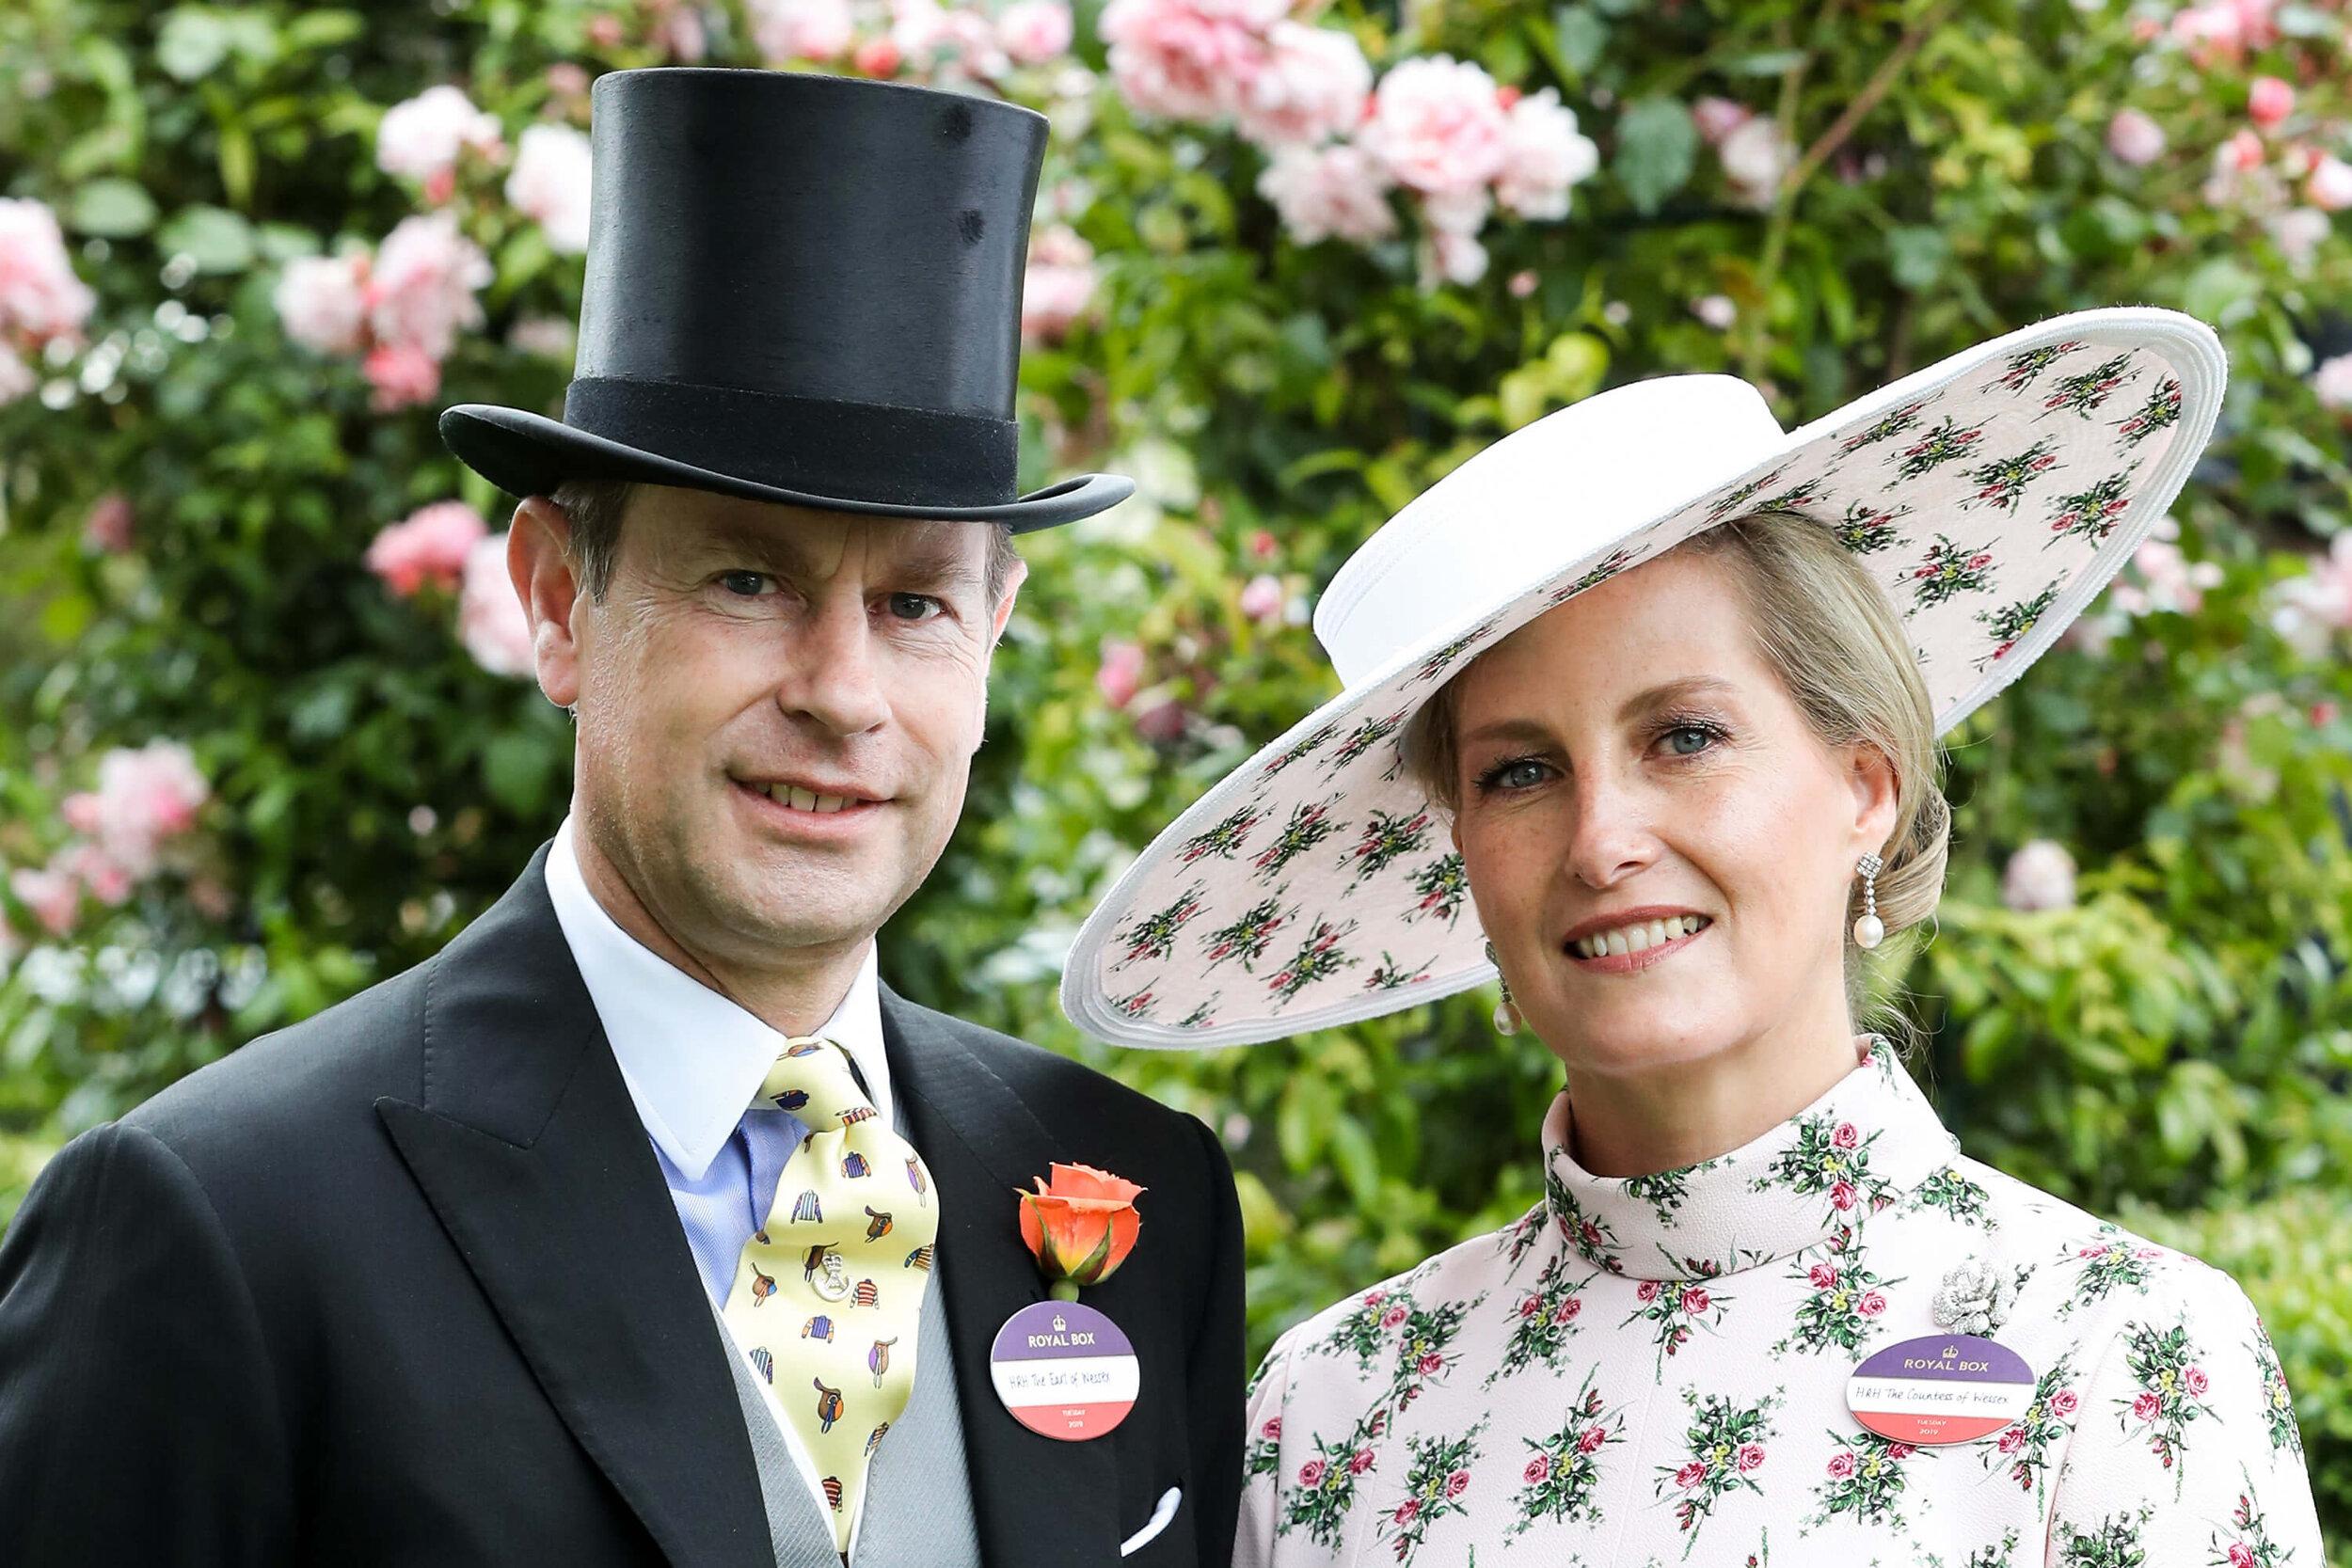 Diese Krawatte trägt Prinz Edward seit 2012 bisher jedes Jahr in Ascot. Da der Royal das Pferderennen aber oft mehrmals besucht, kann er auch noch seine anderen schrägen Krawatten zeigen. © picture alliance / empics